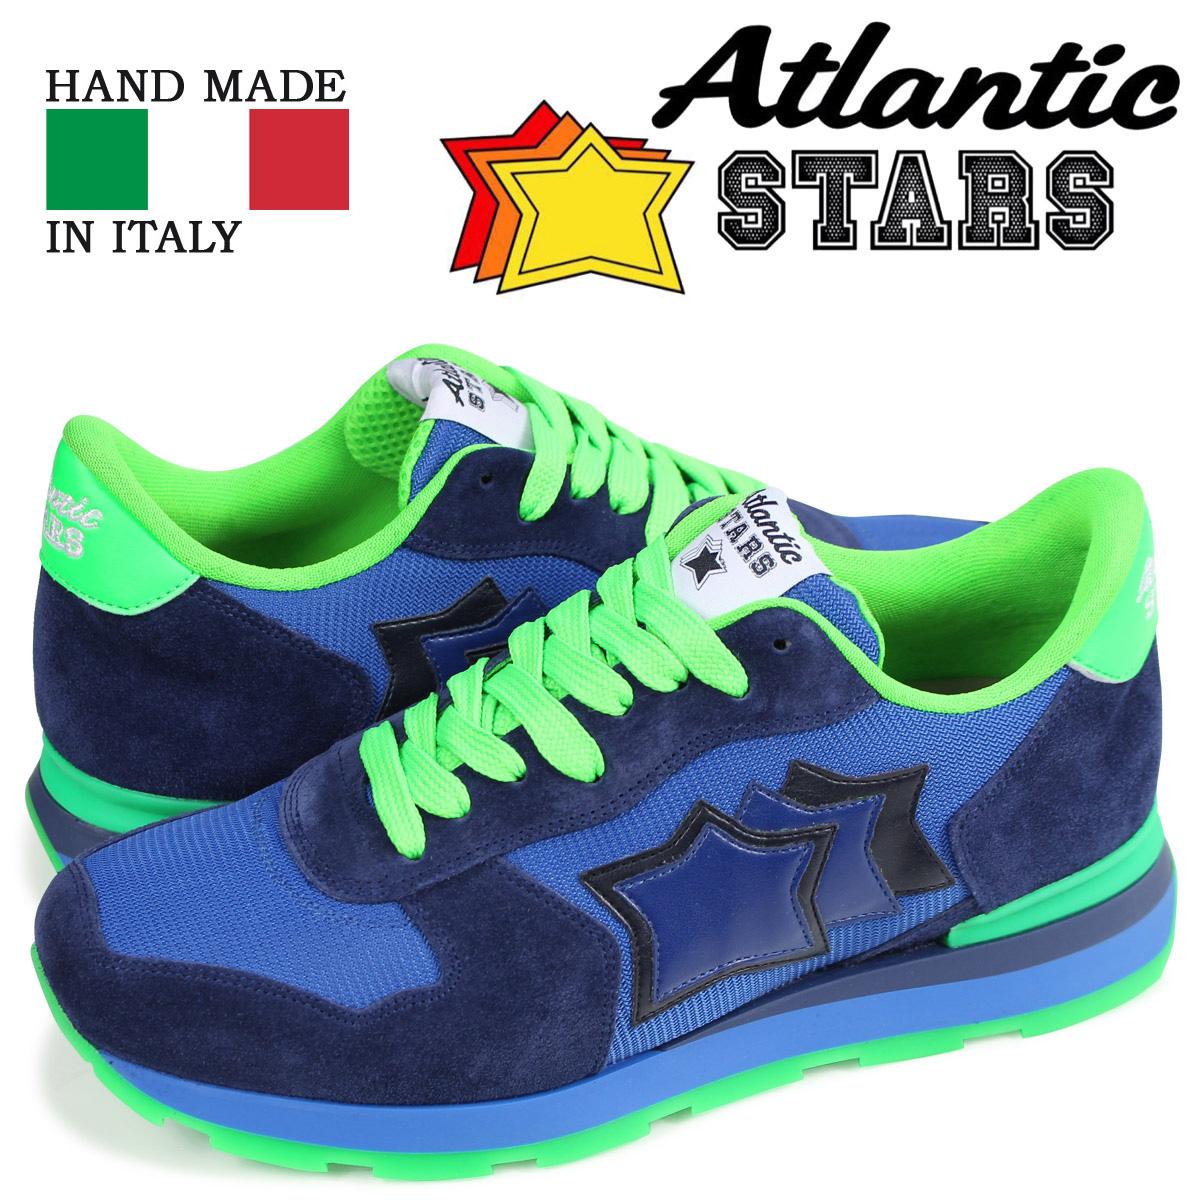 アトランティックスターズ Atlantic STARS アンタレス スニーカー メンズ ANTARES AM38VF ブルー